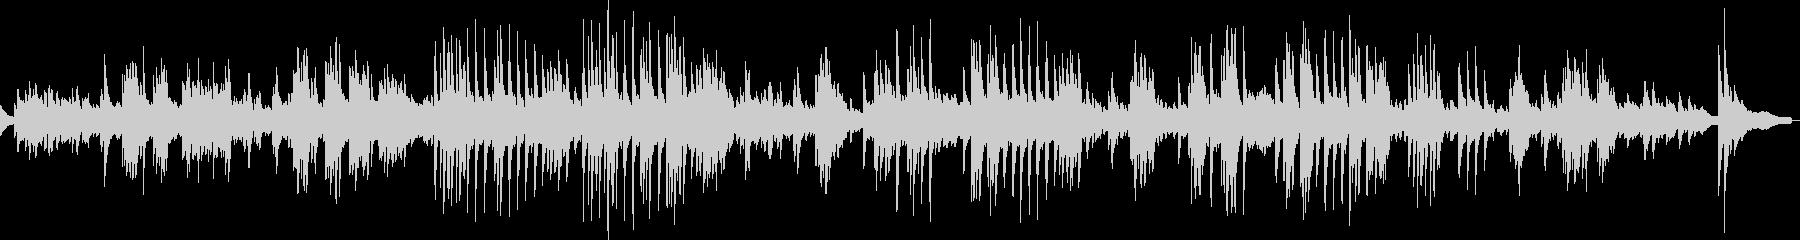 展覧会の絵より「古い城」(ピアノソロ)の未再生の波形